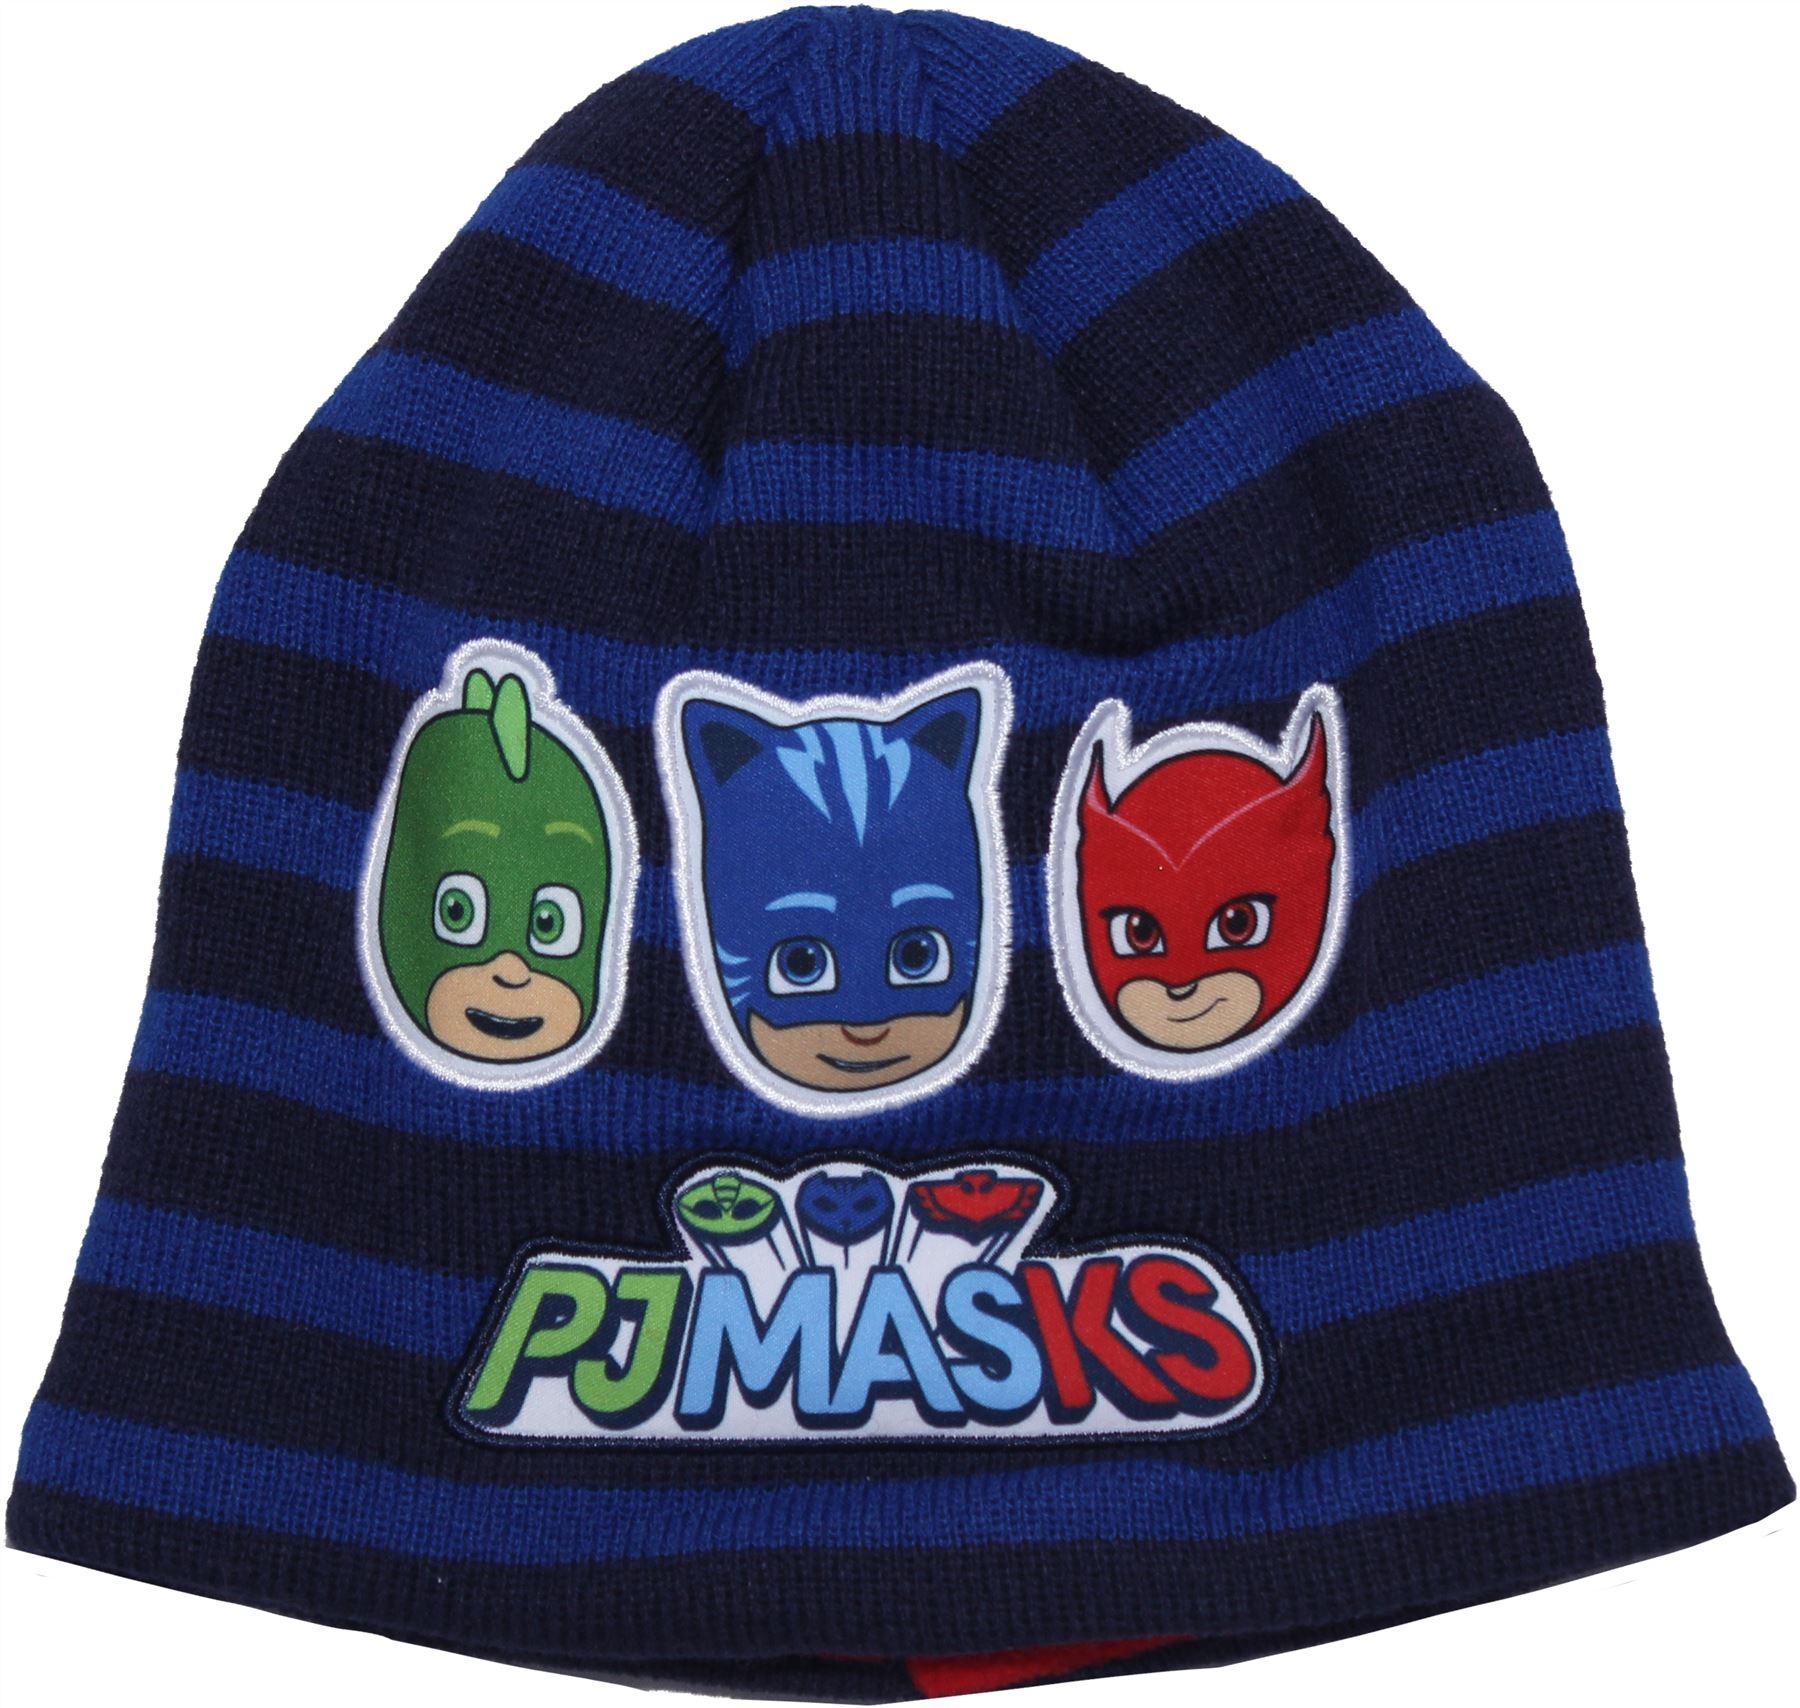 c98706d19 Details about PJ Masks Kids Winter Beanie Hat